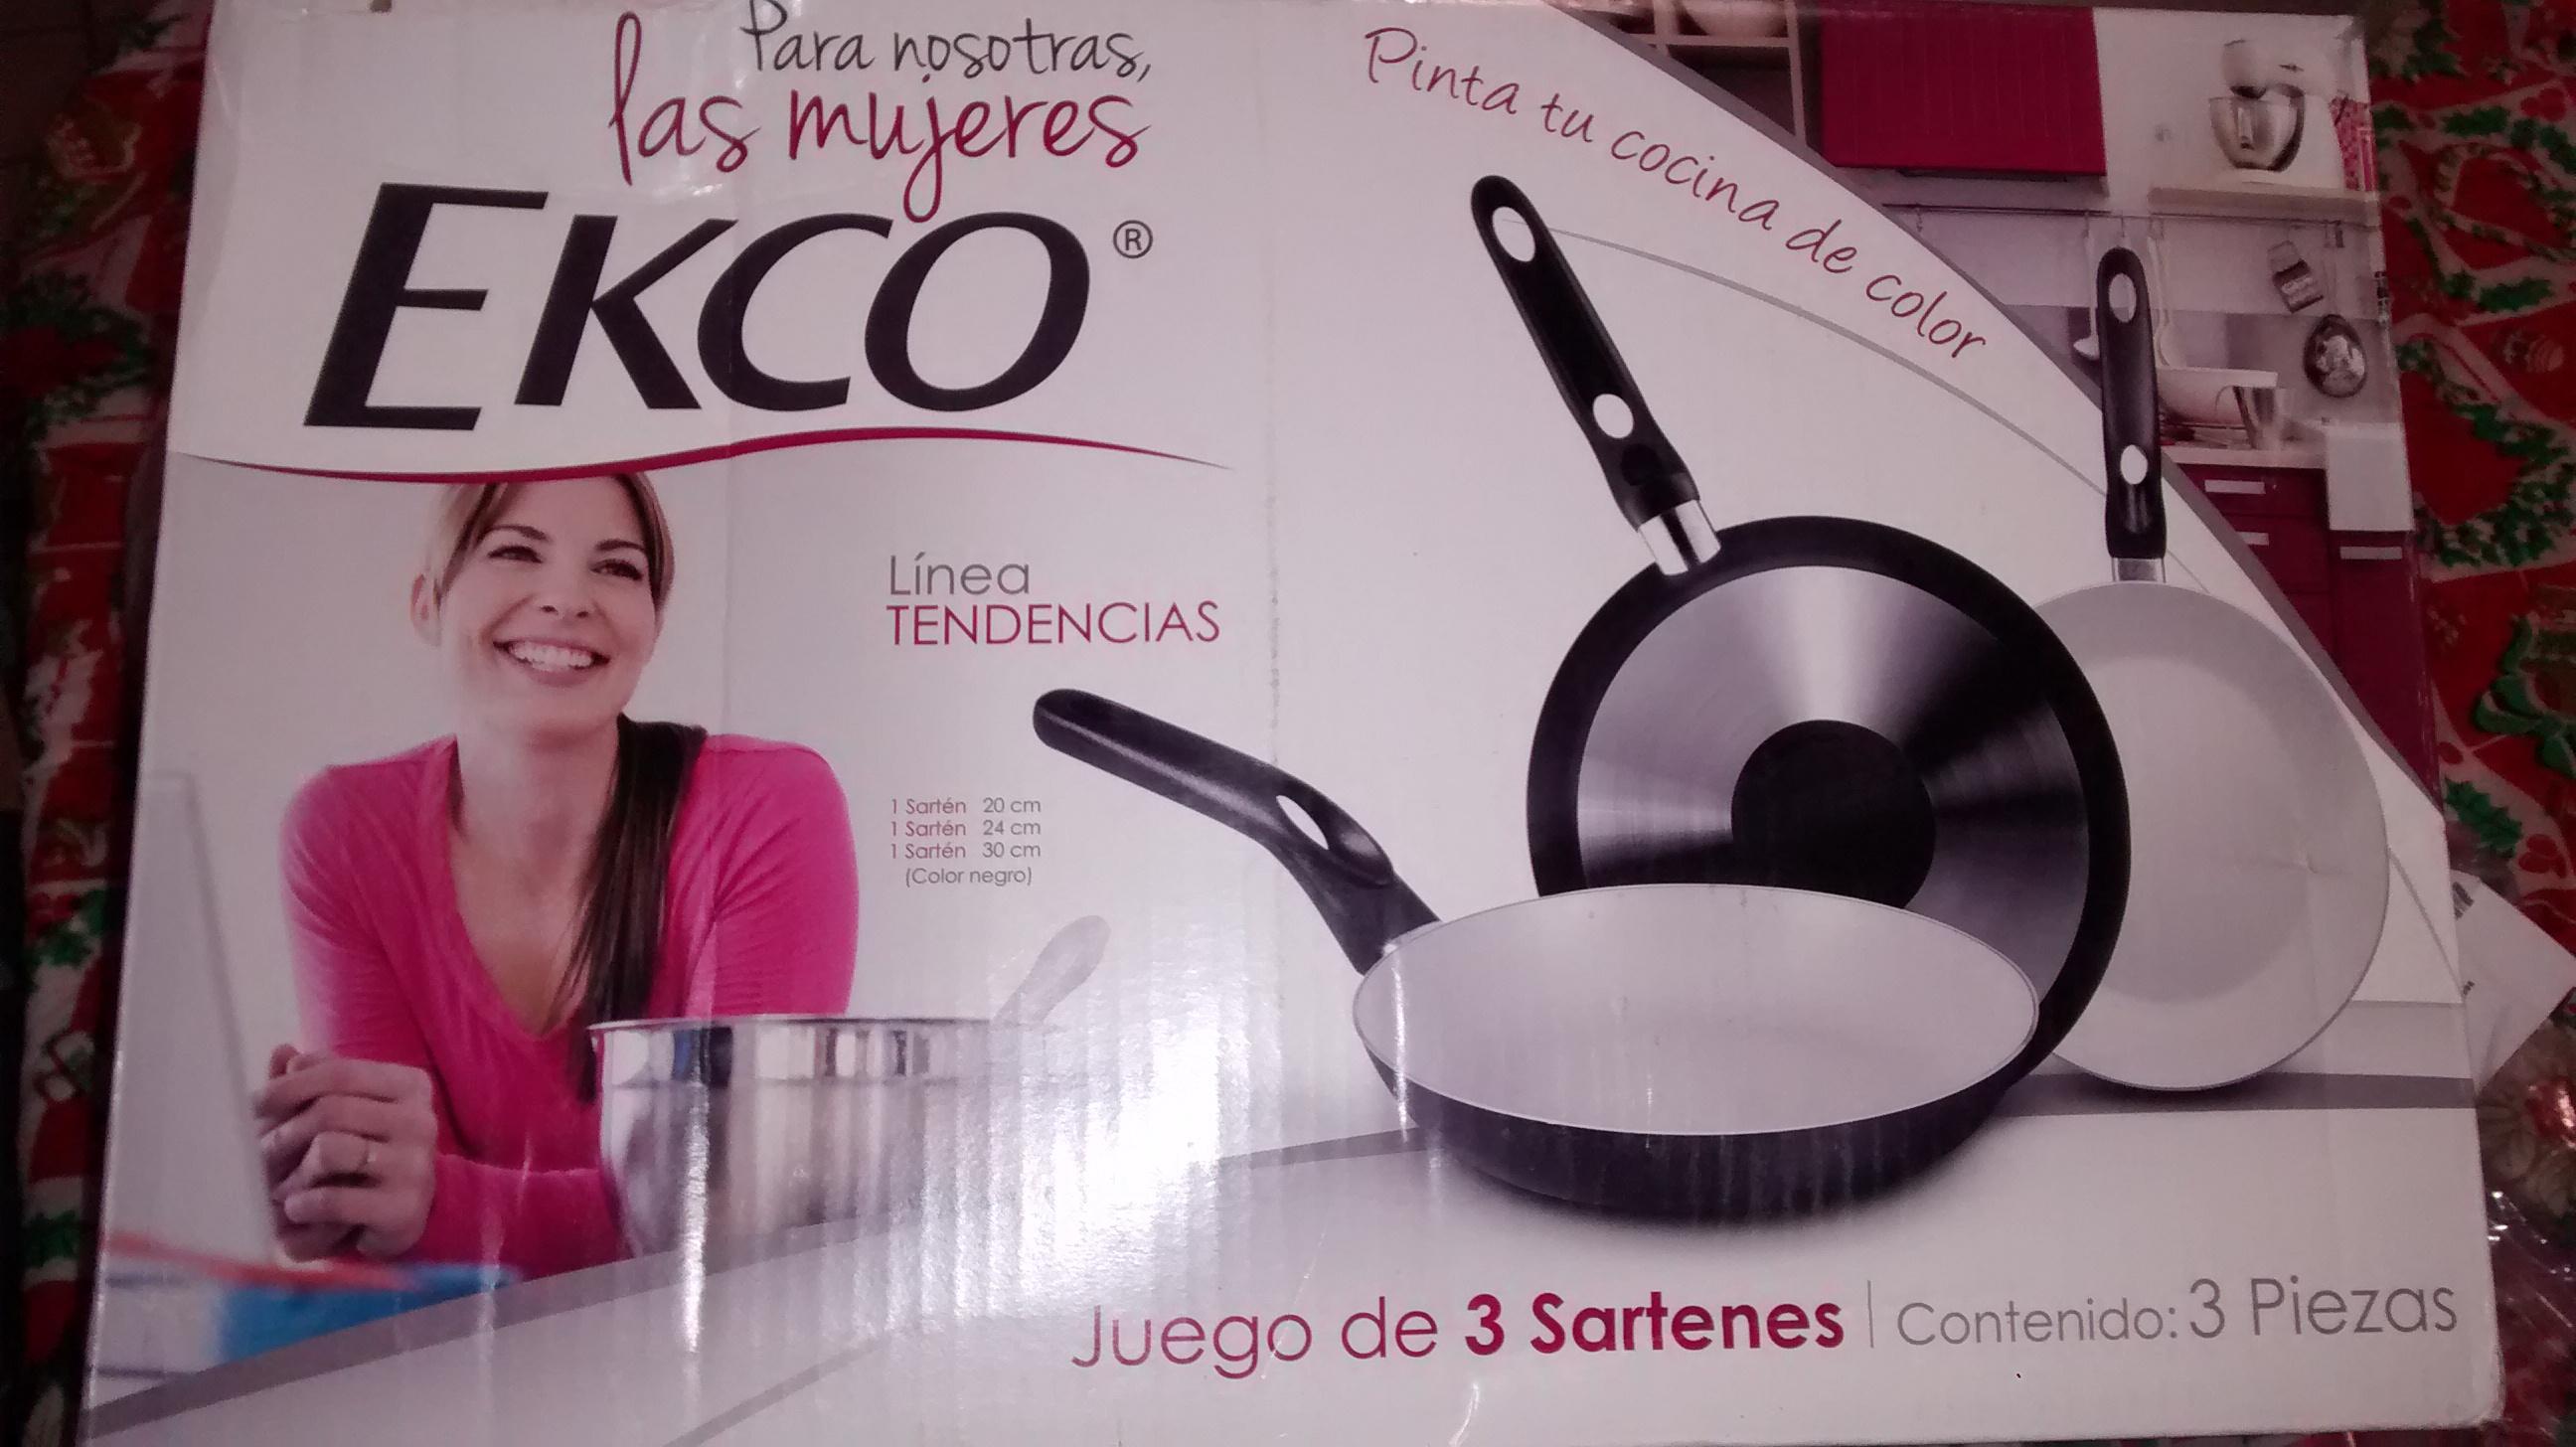 Walmart Torreón: Juego de Sartenes Ecko $35.01